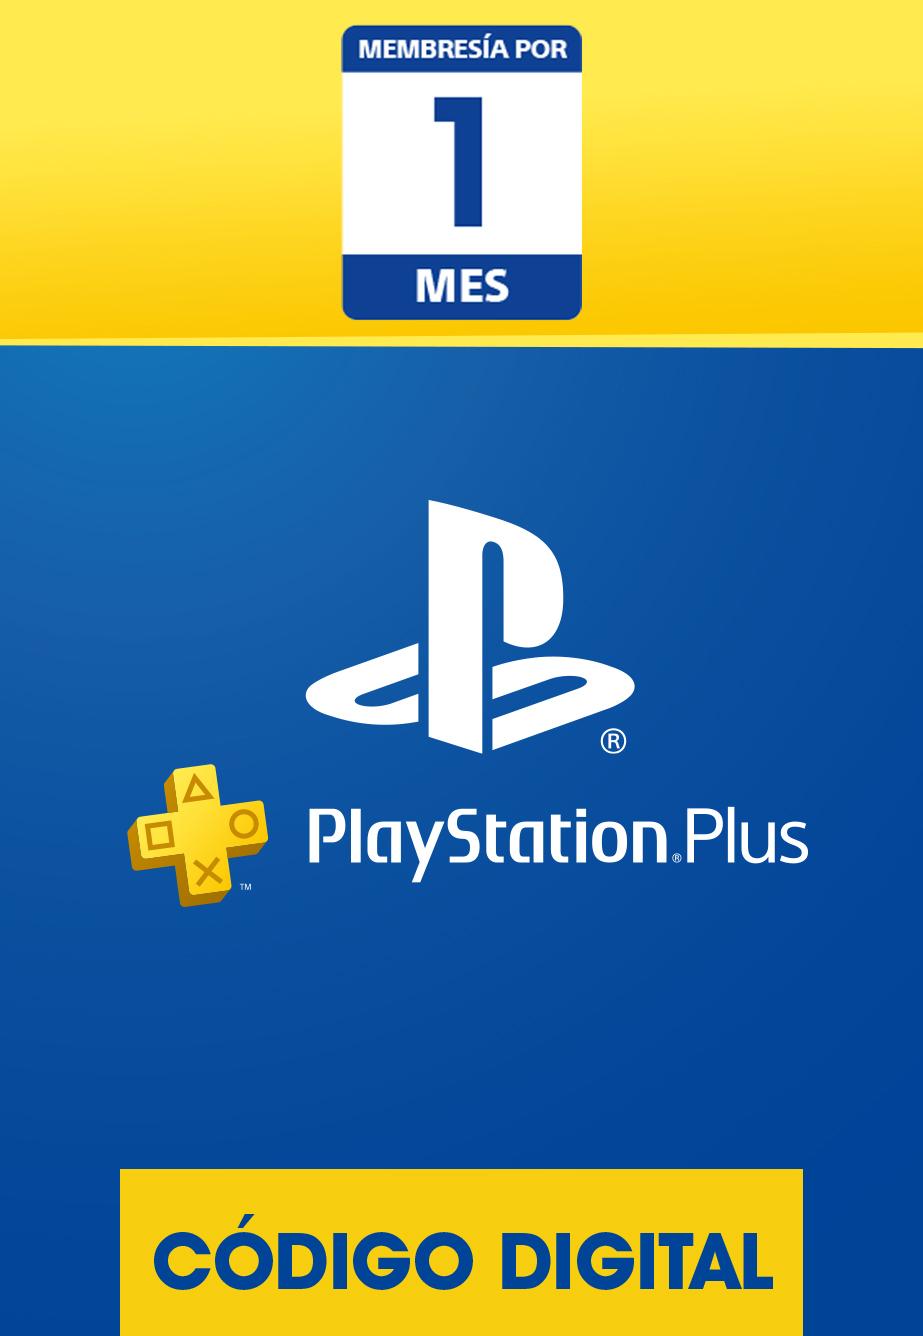 Membresía PlayStation Plus de 1 Mes